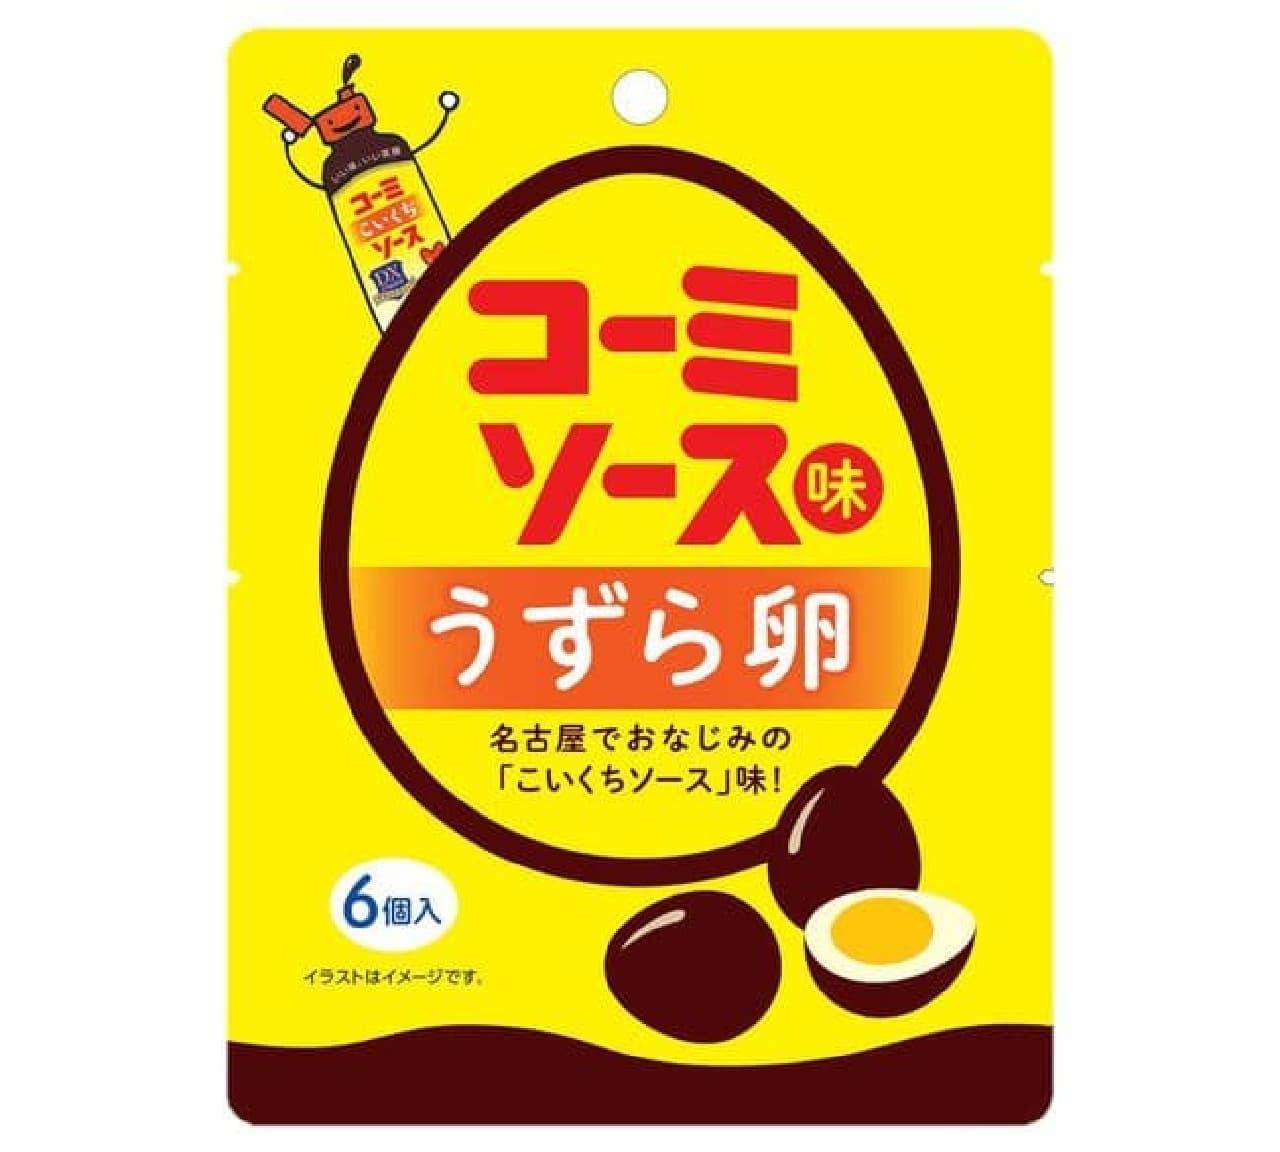 コーミソース味 うずら卵(6個入)